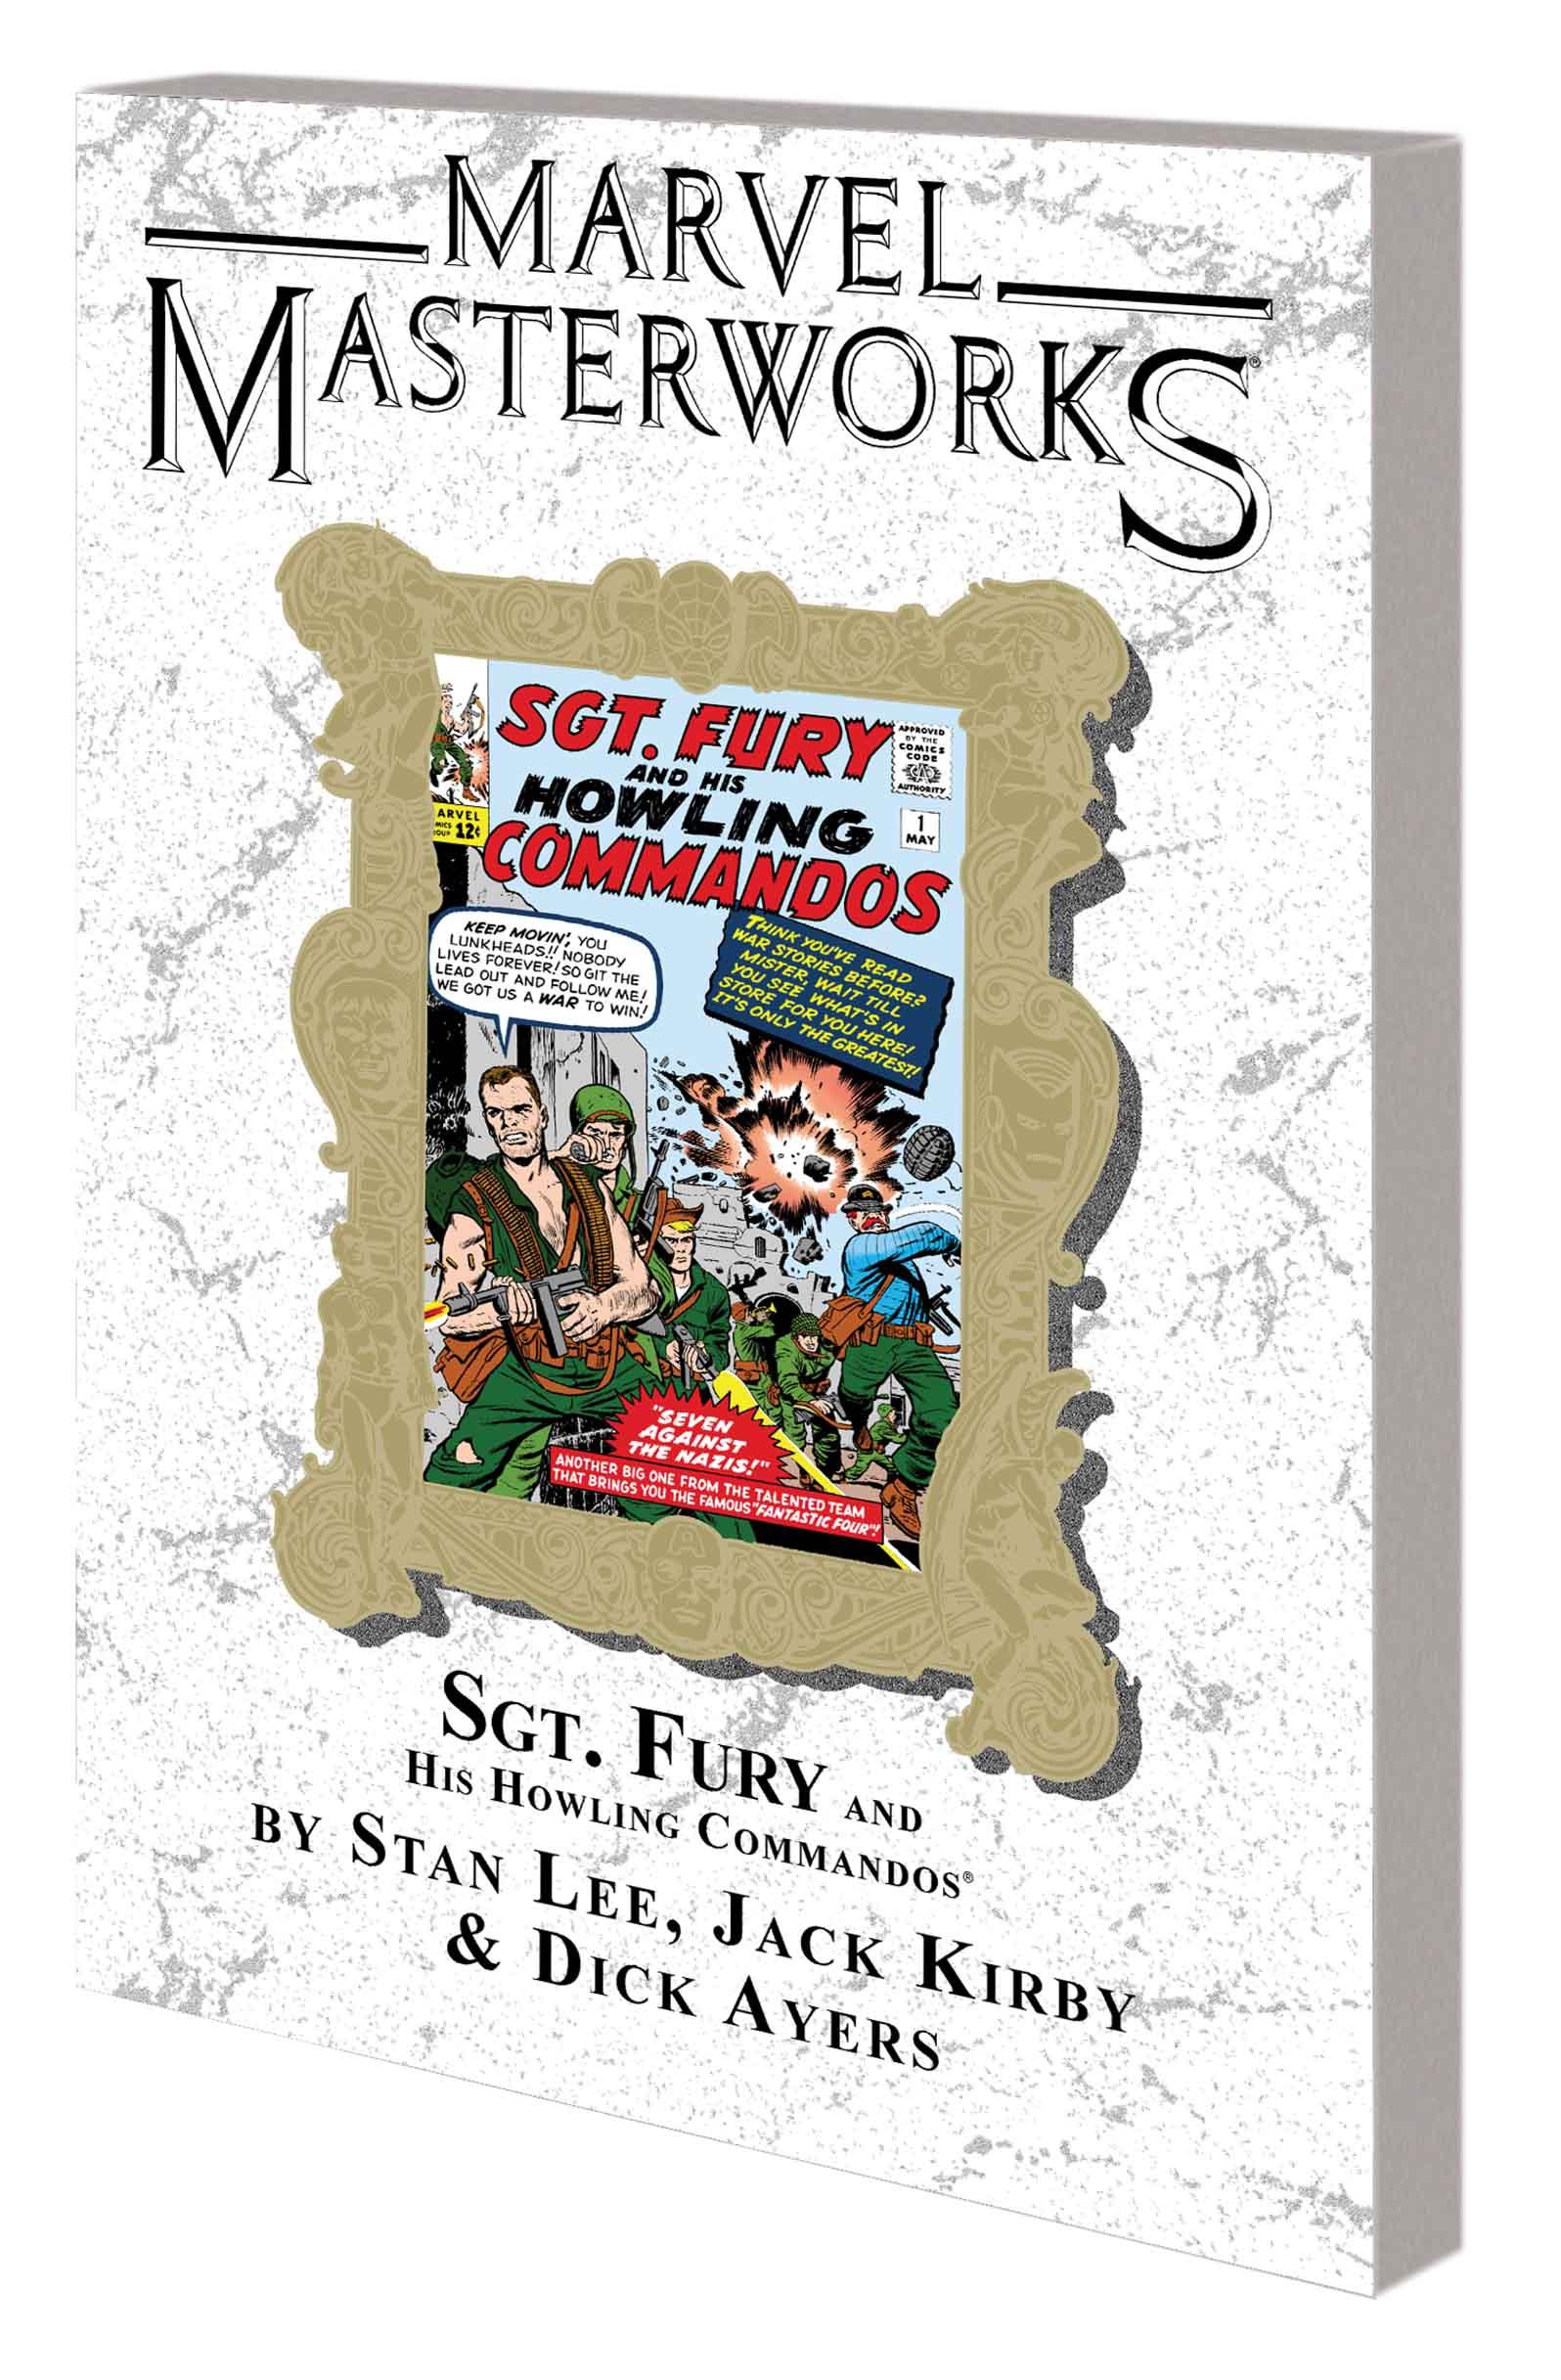 MARVEL MASTERWORKS: SGT. FURY VOL. 1 TPB VARIANT (DM ONLY) (Trade Paperback)